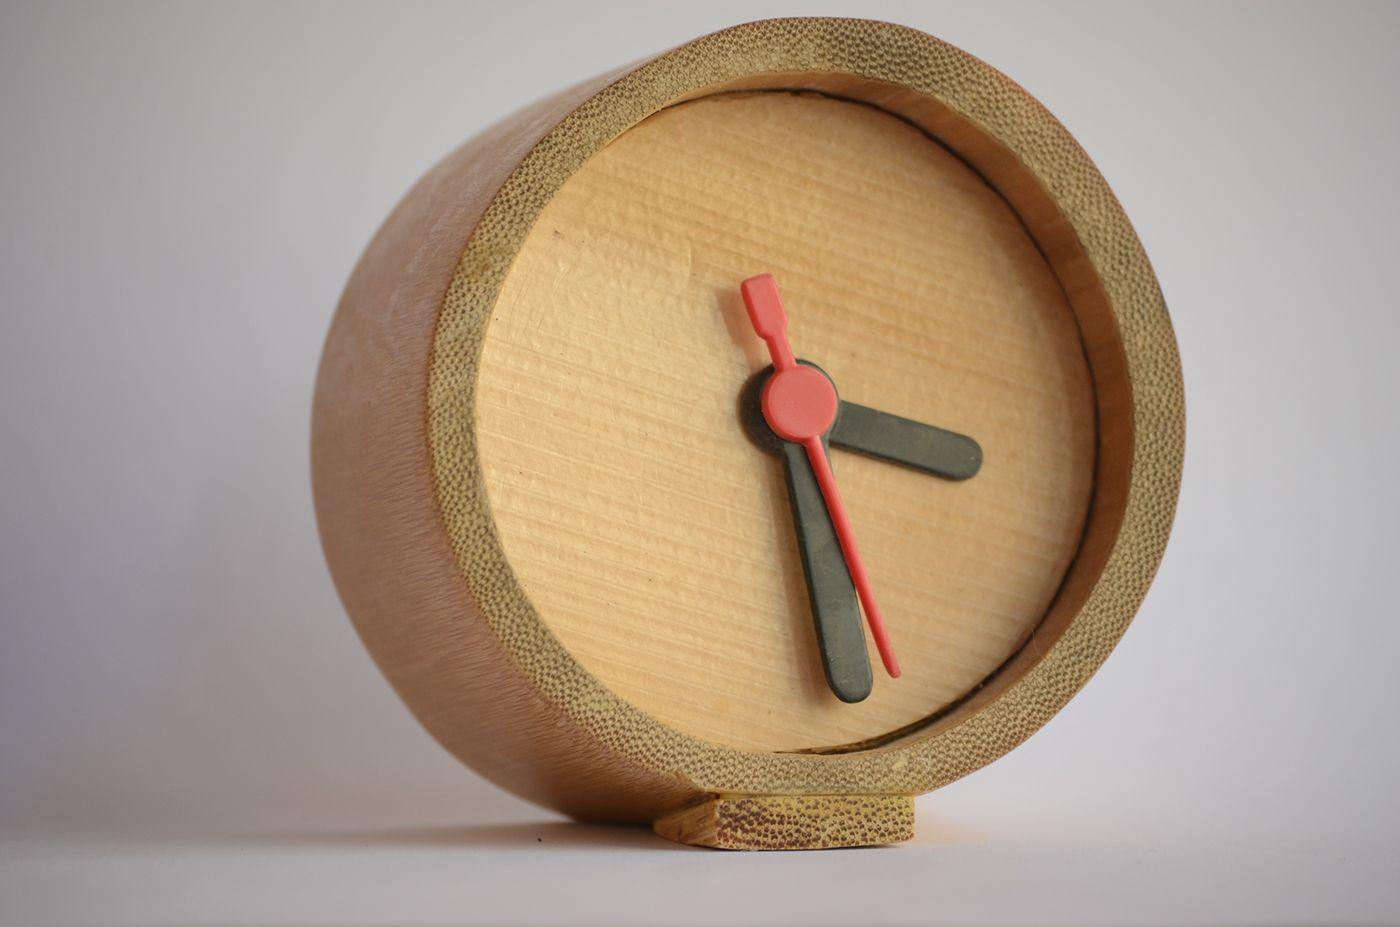 юности поделки из бамбука часы фото само название рубрики